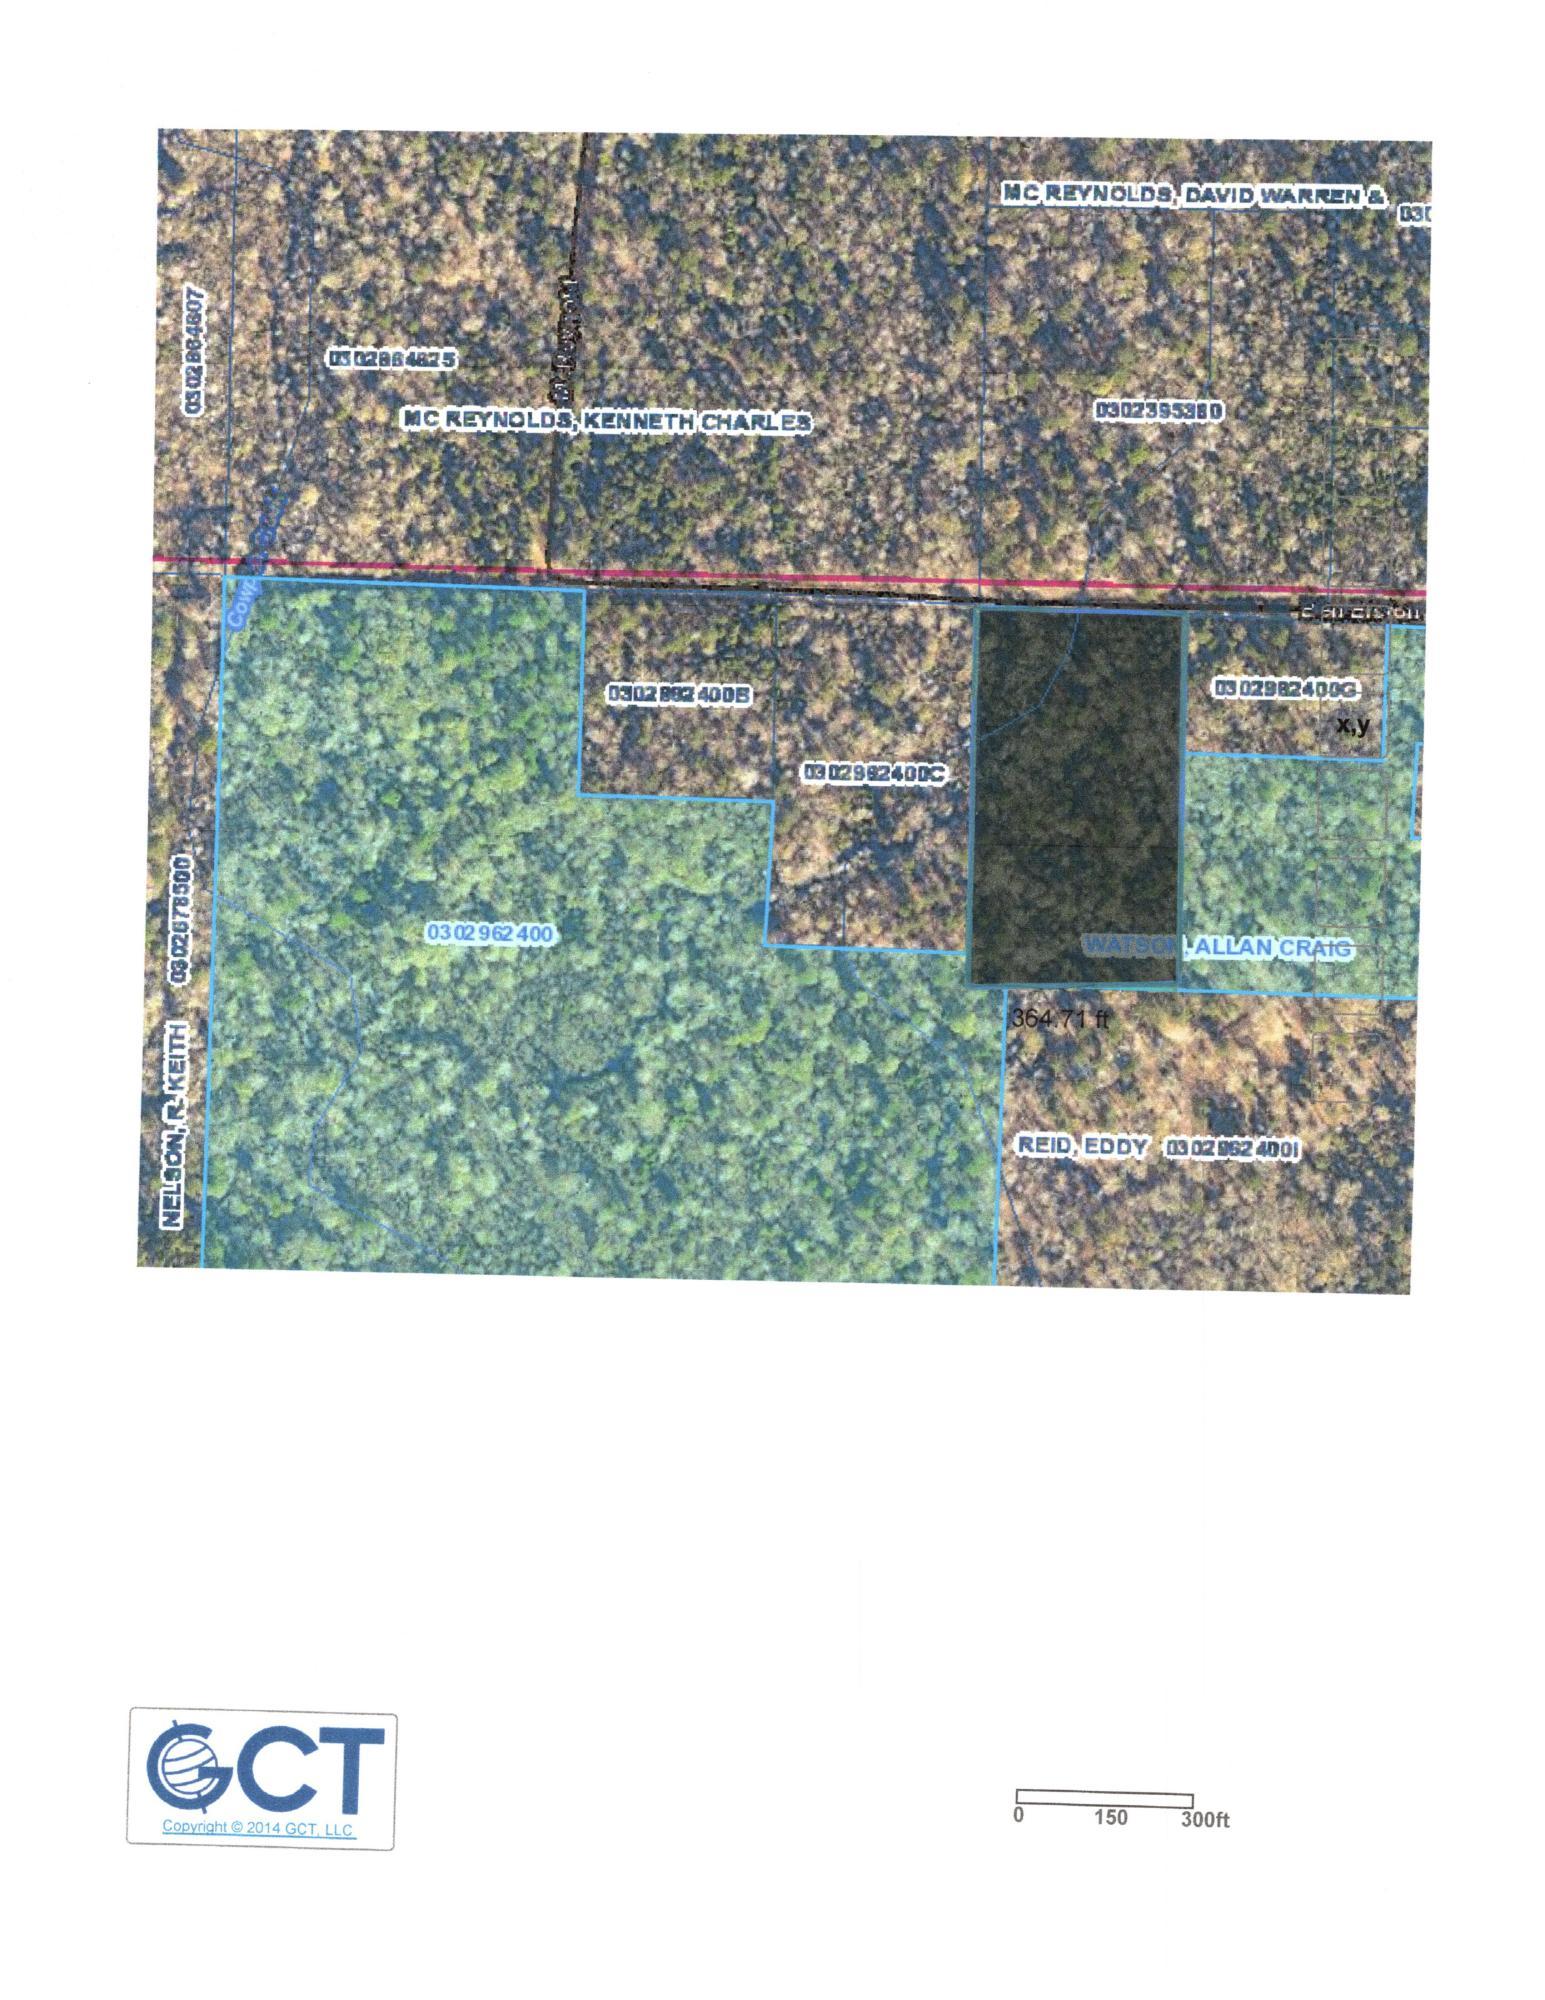 DeRidder land for sale,  TBD BEN ELSTON, DeRidder LA - $32,500